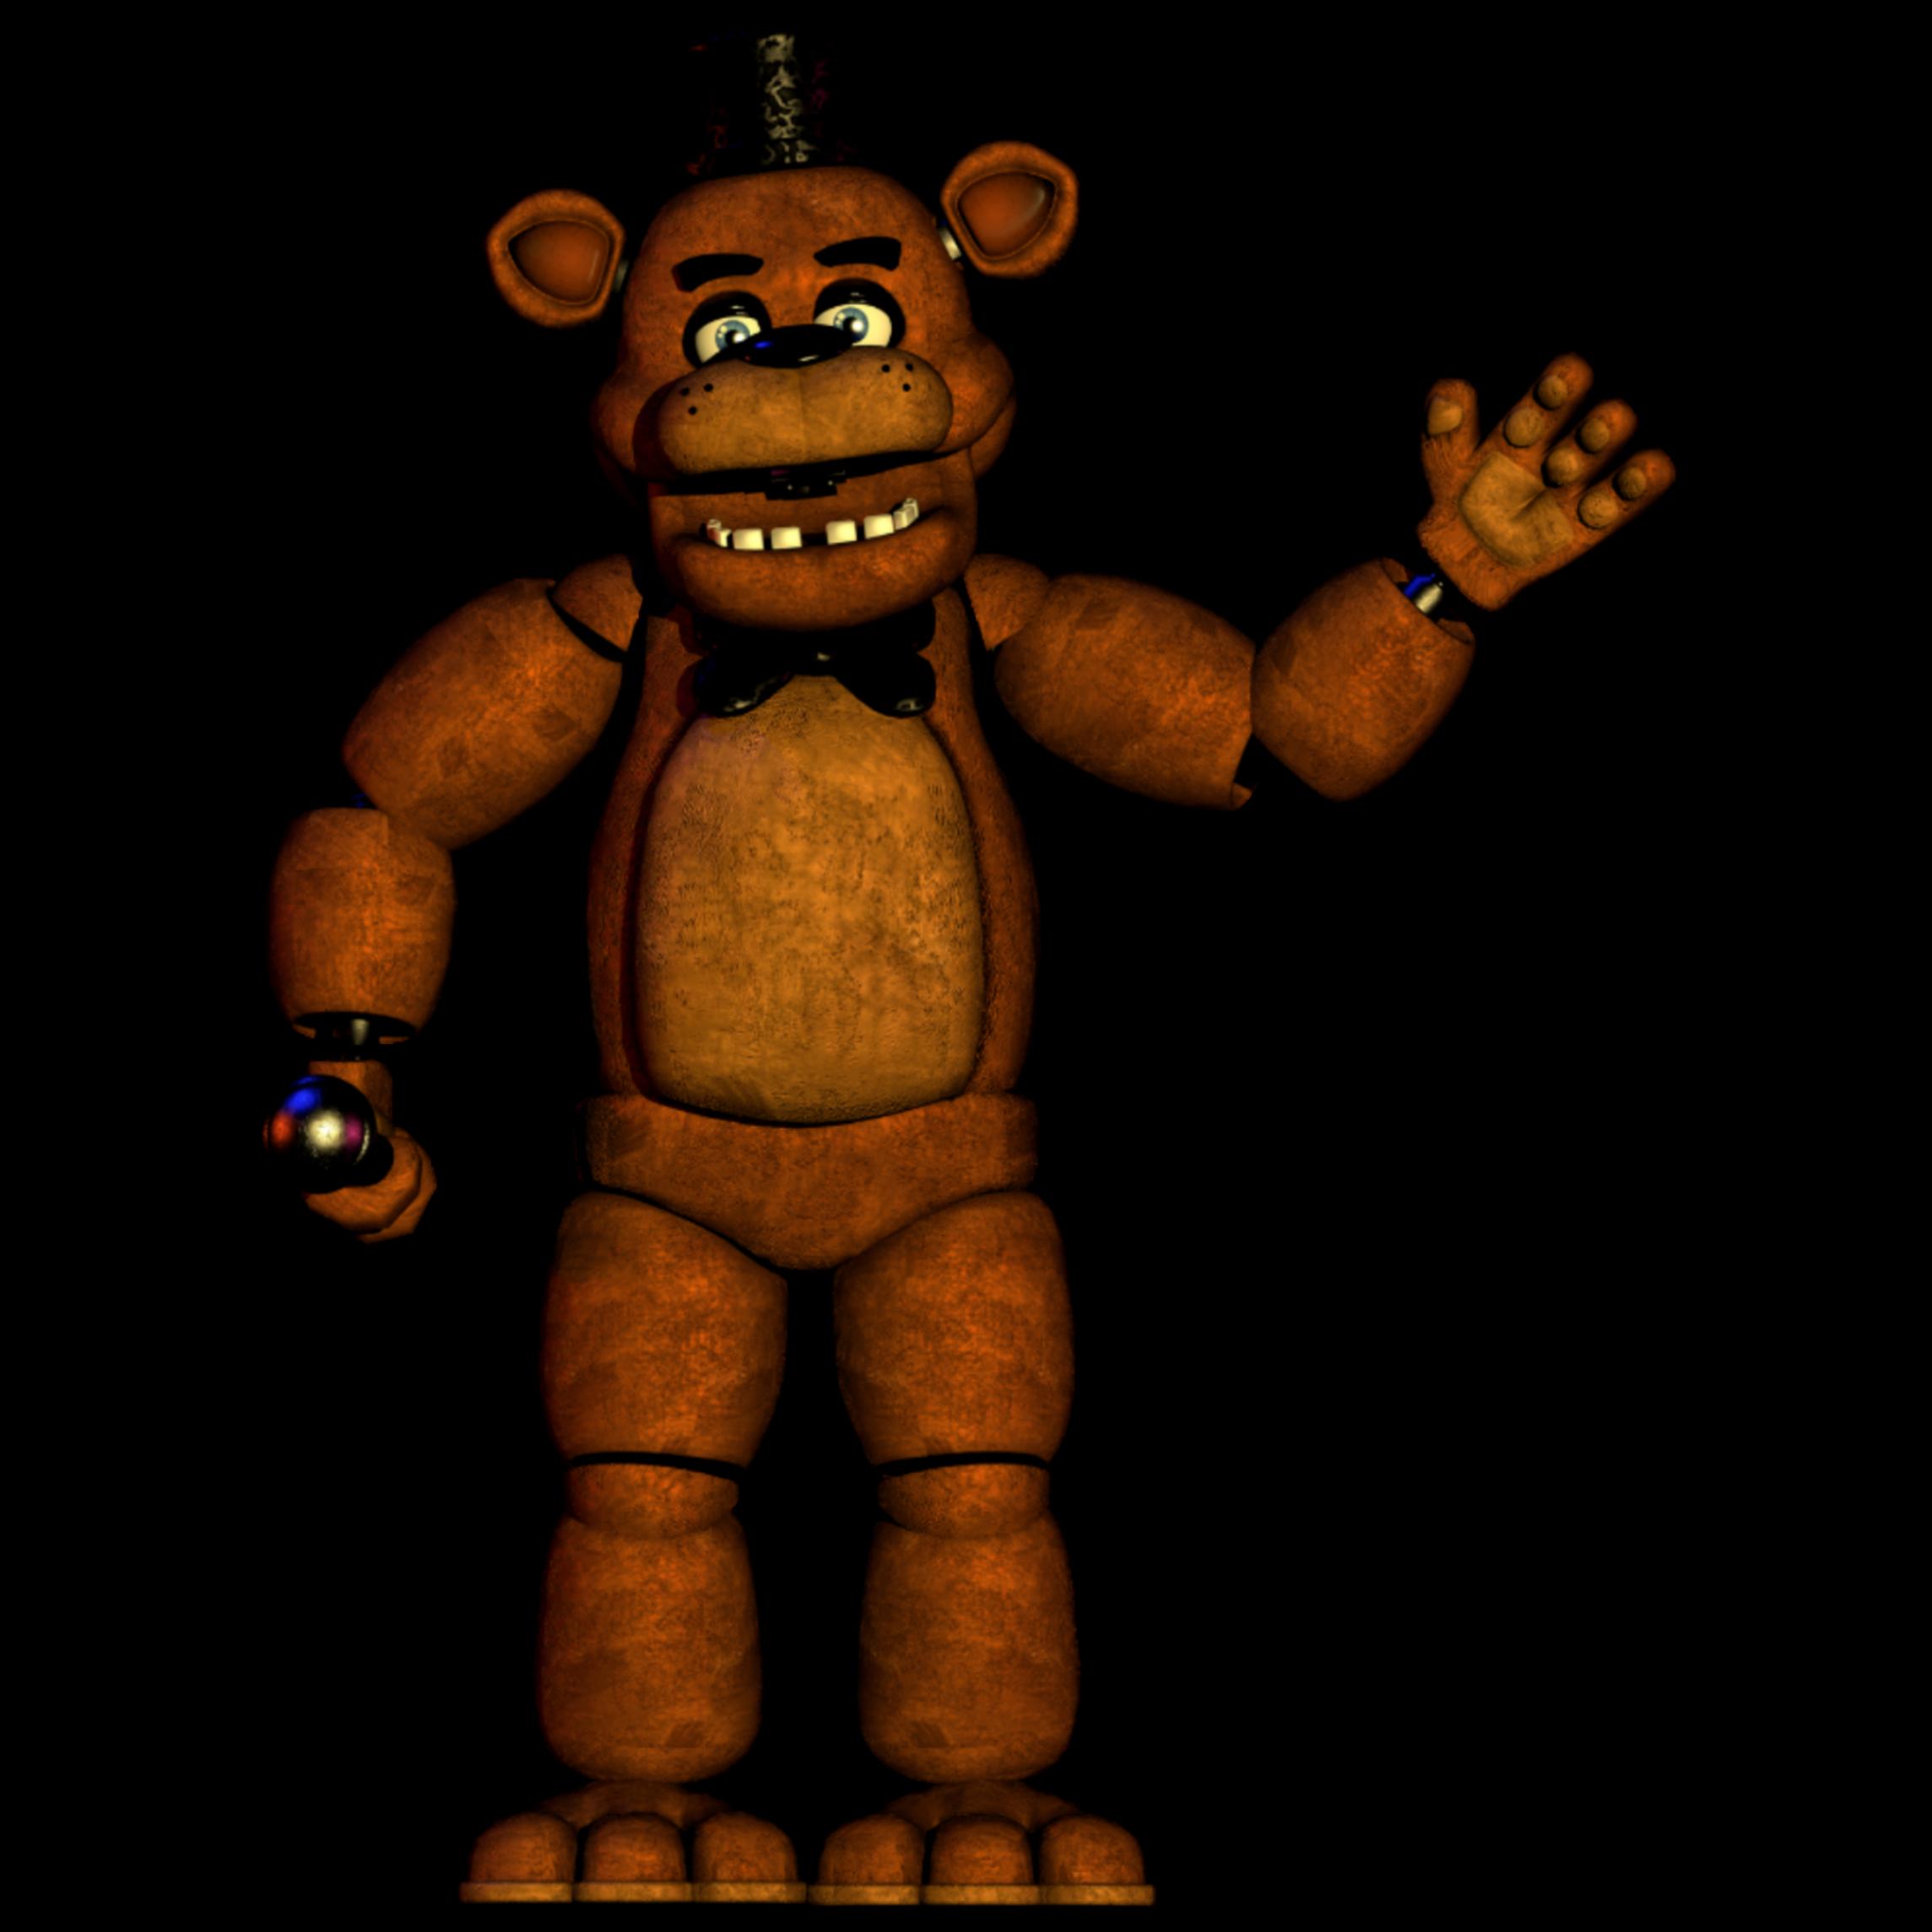 Freddy Fazbear Fnaf Characters Fnaf Freddy Fazbear